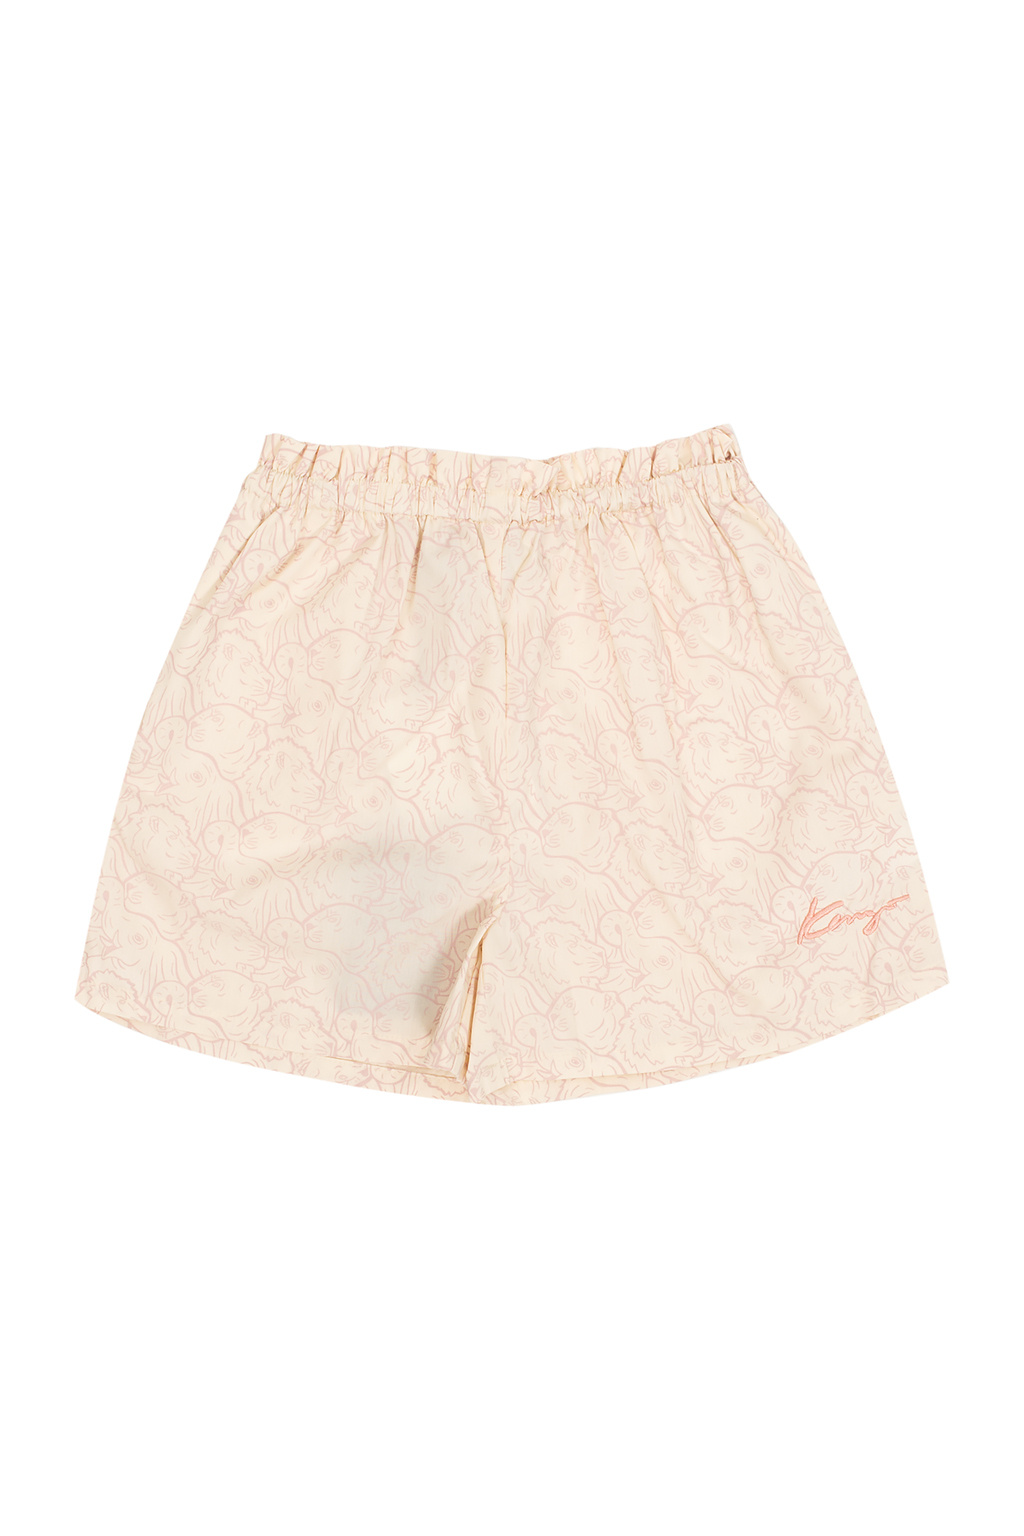 Kenzo Kids 品牌短裤